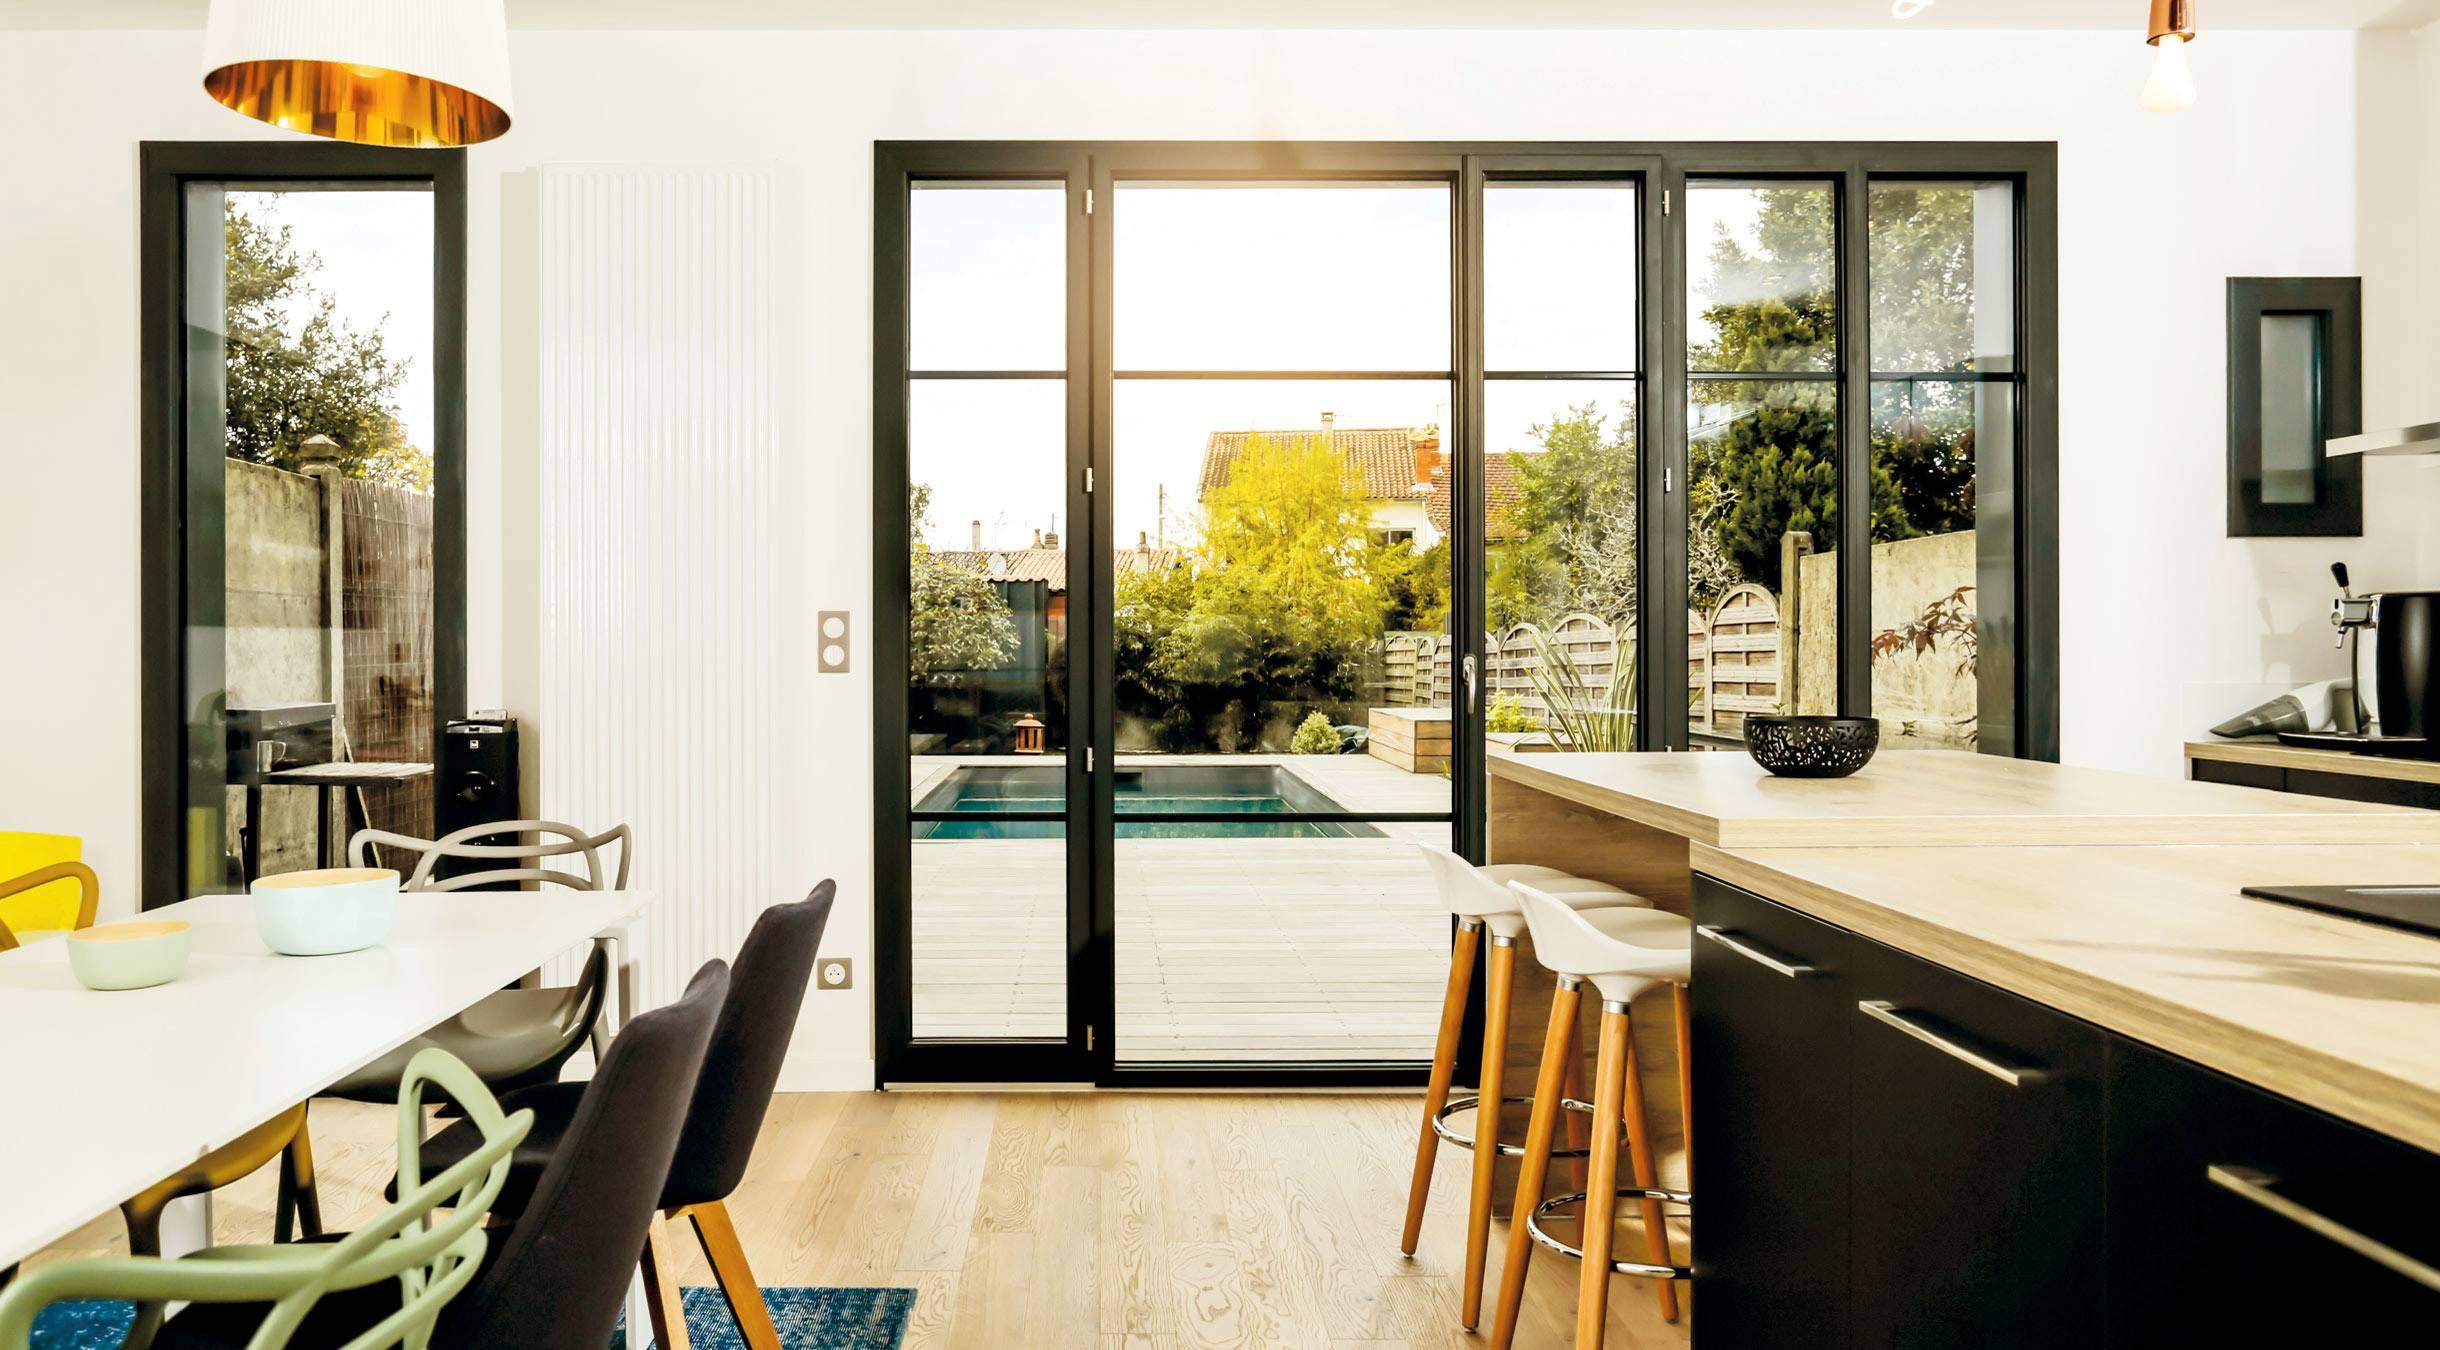 Fenetre Alu Noir Avis fenêtre alu sur-mesure – isolation de qualité | tryba